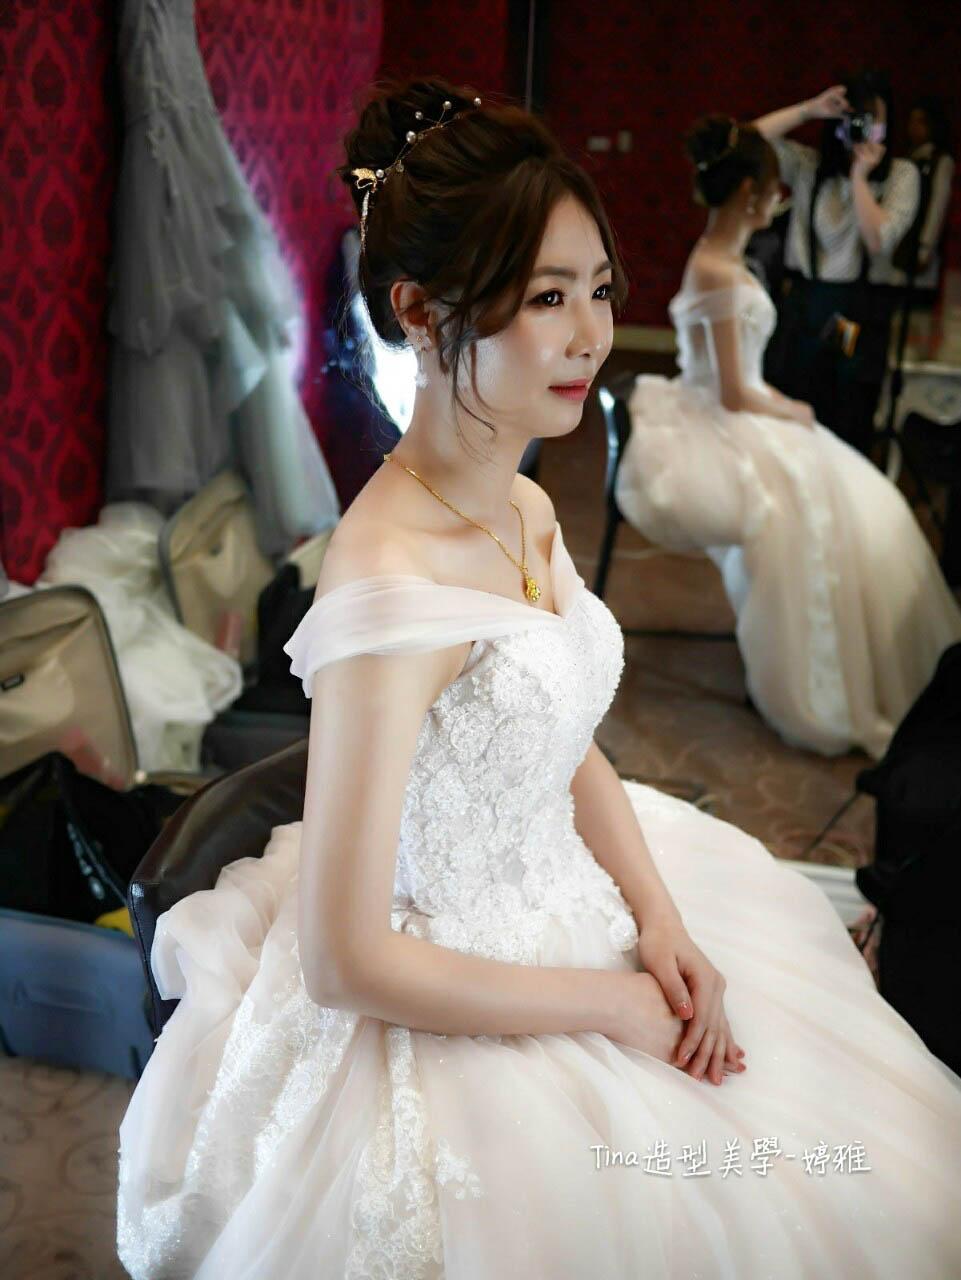 2019 - 雲林新秘/嘉義新娘秘書/Tina造型美學《結婚吧》